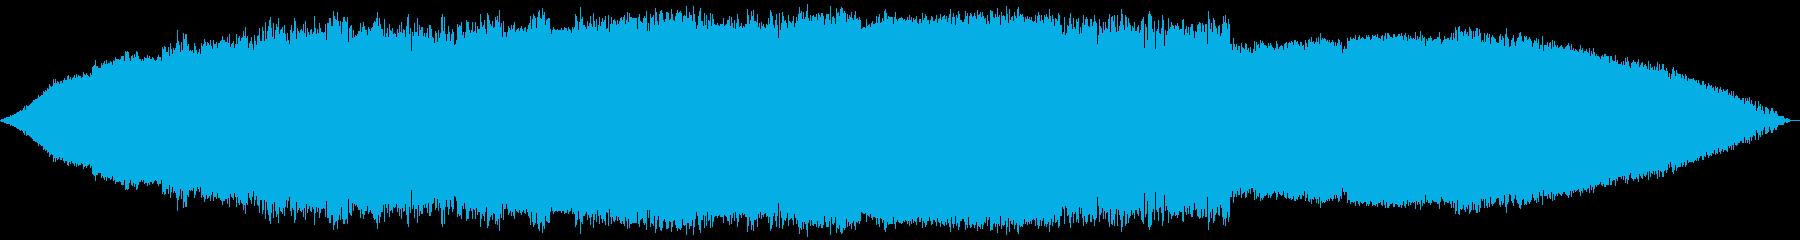 渦巻く下書きの人の再生済みの波形